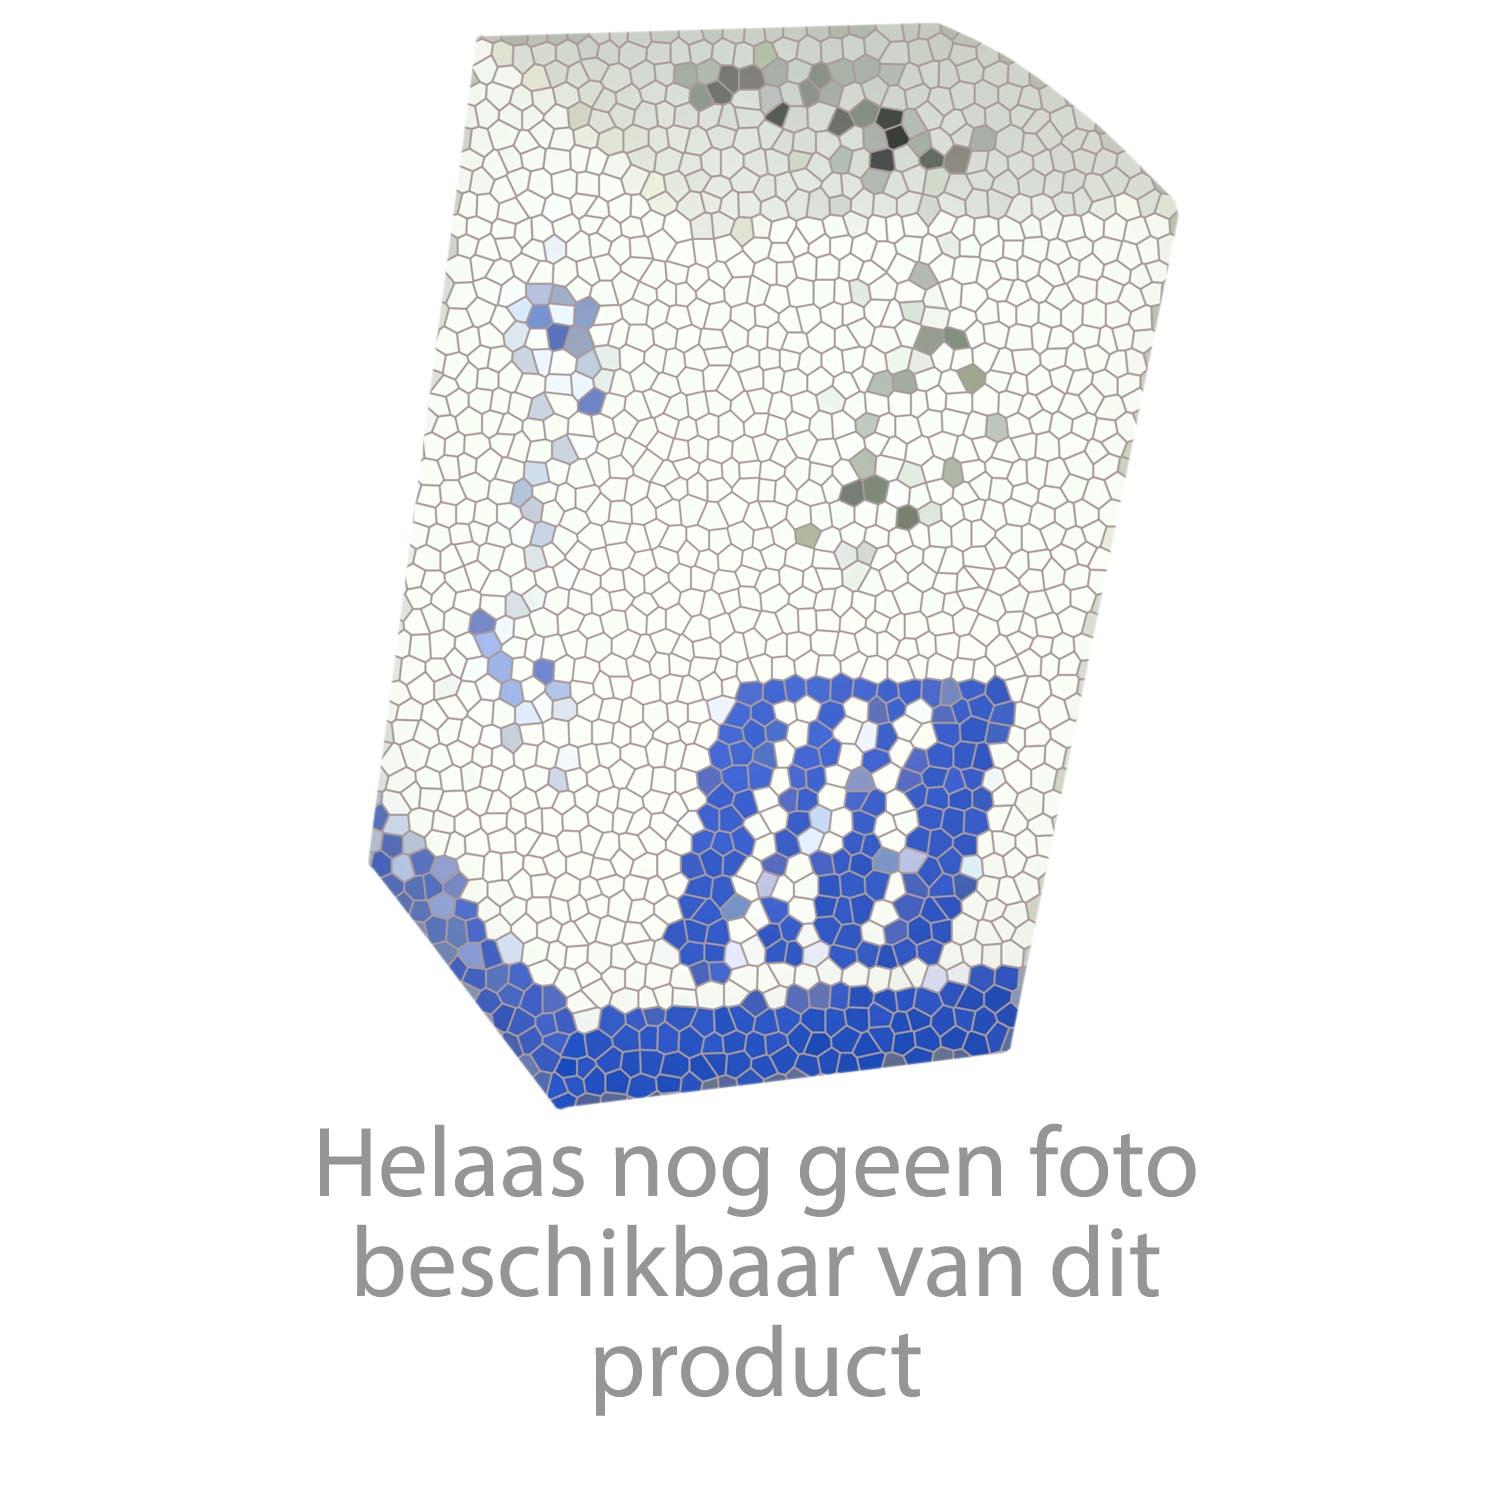 Gessi Onderdelen OXYGENE  HI TECH 1-gats Keukenkraan Joystick bediening Artikelnummer 12197.031 / 12197.149